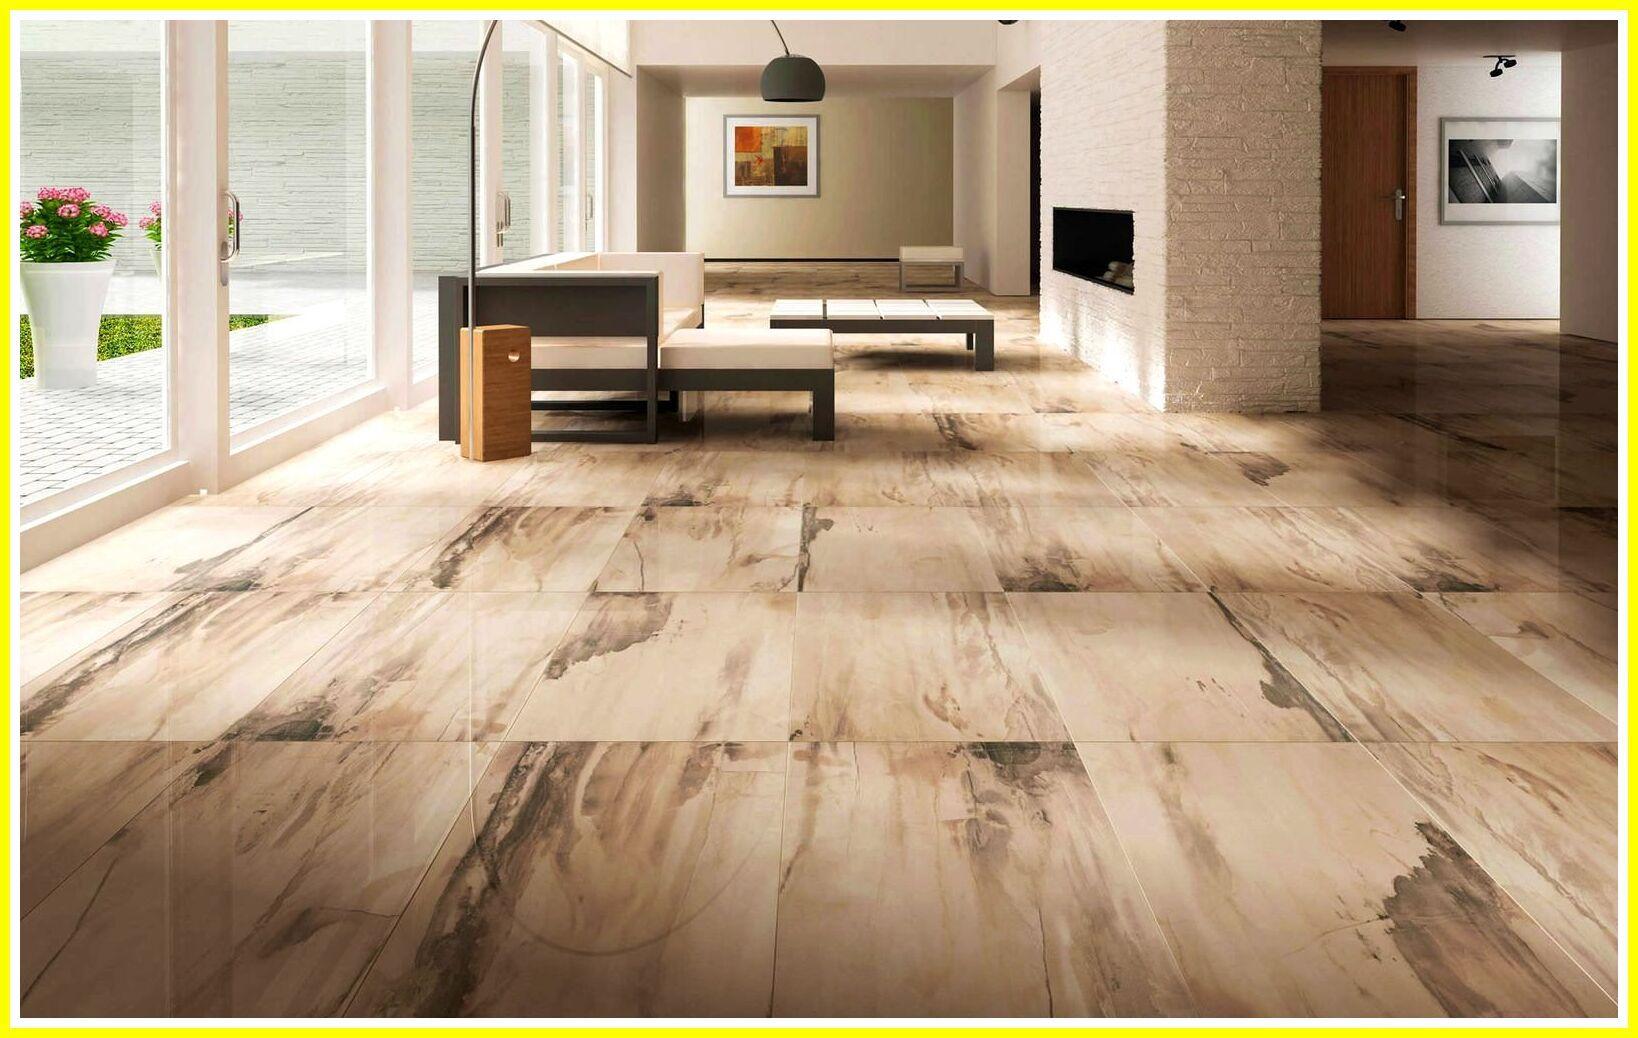 35 Reference Of Floor Granite Bedroom In 2020 Gorgeous Floo